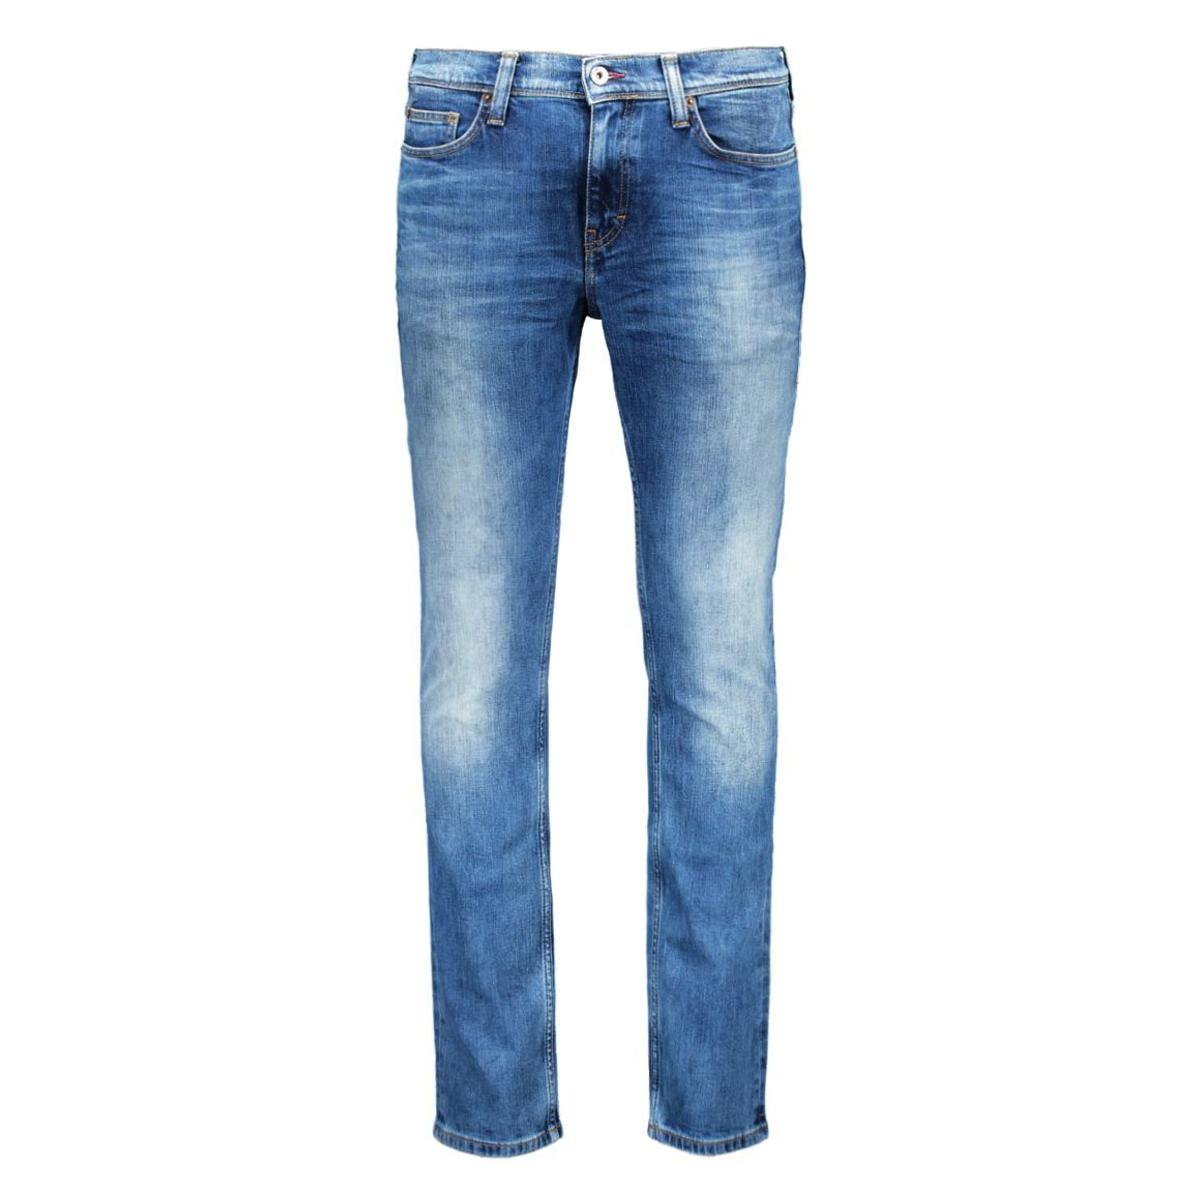 3122 5334 vegas mustang jeans